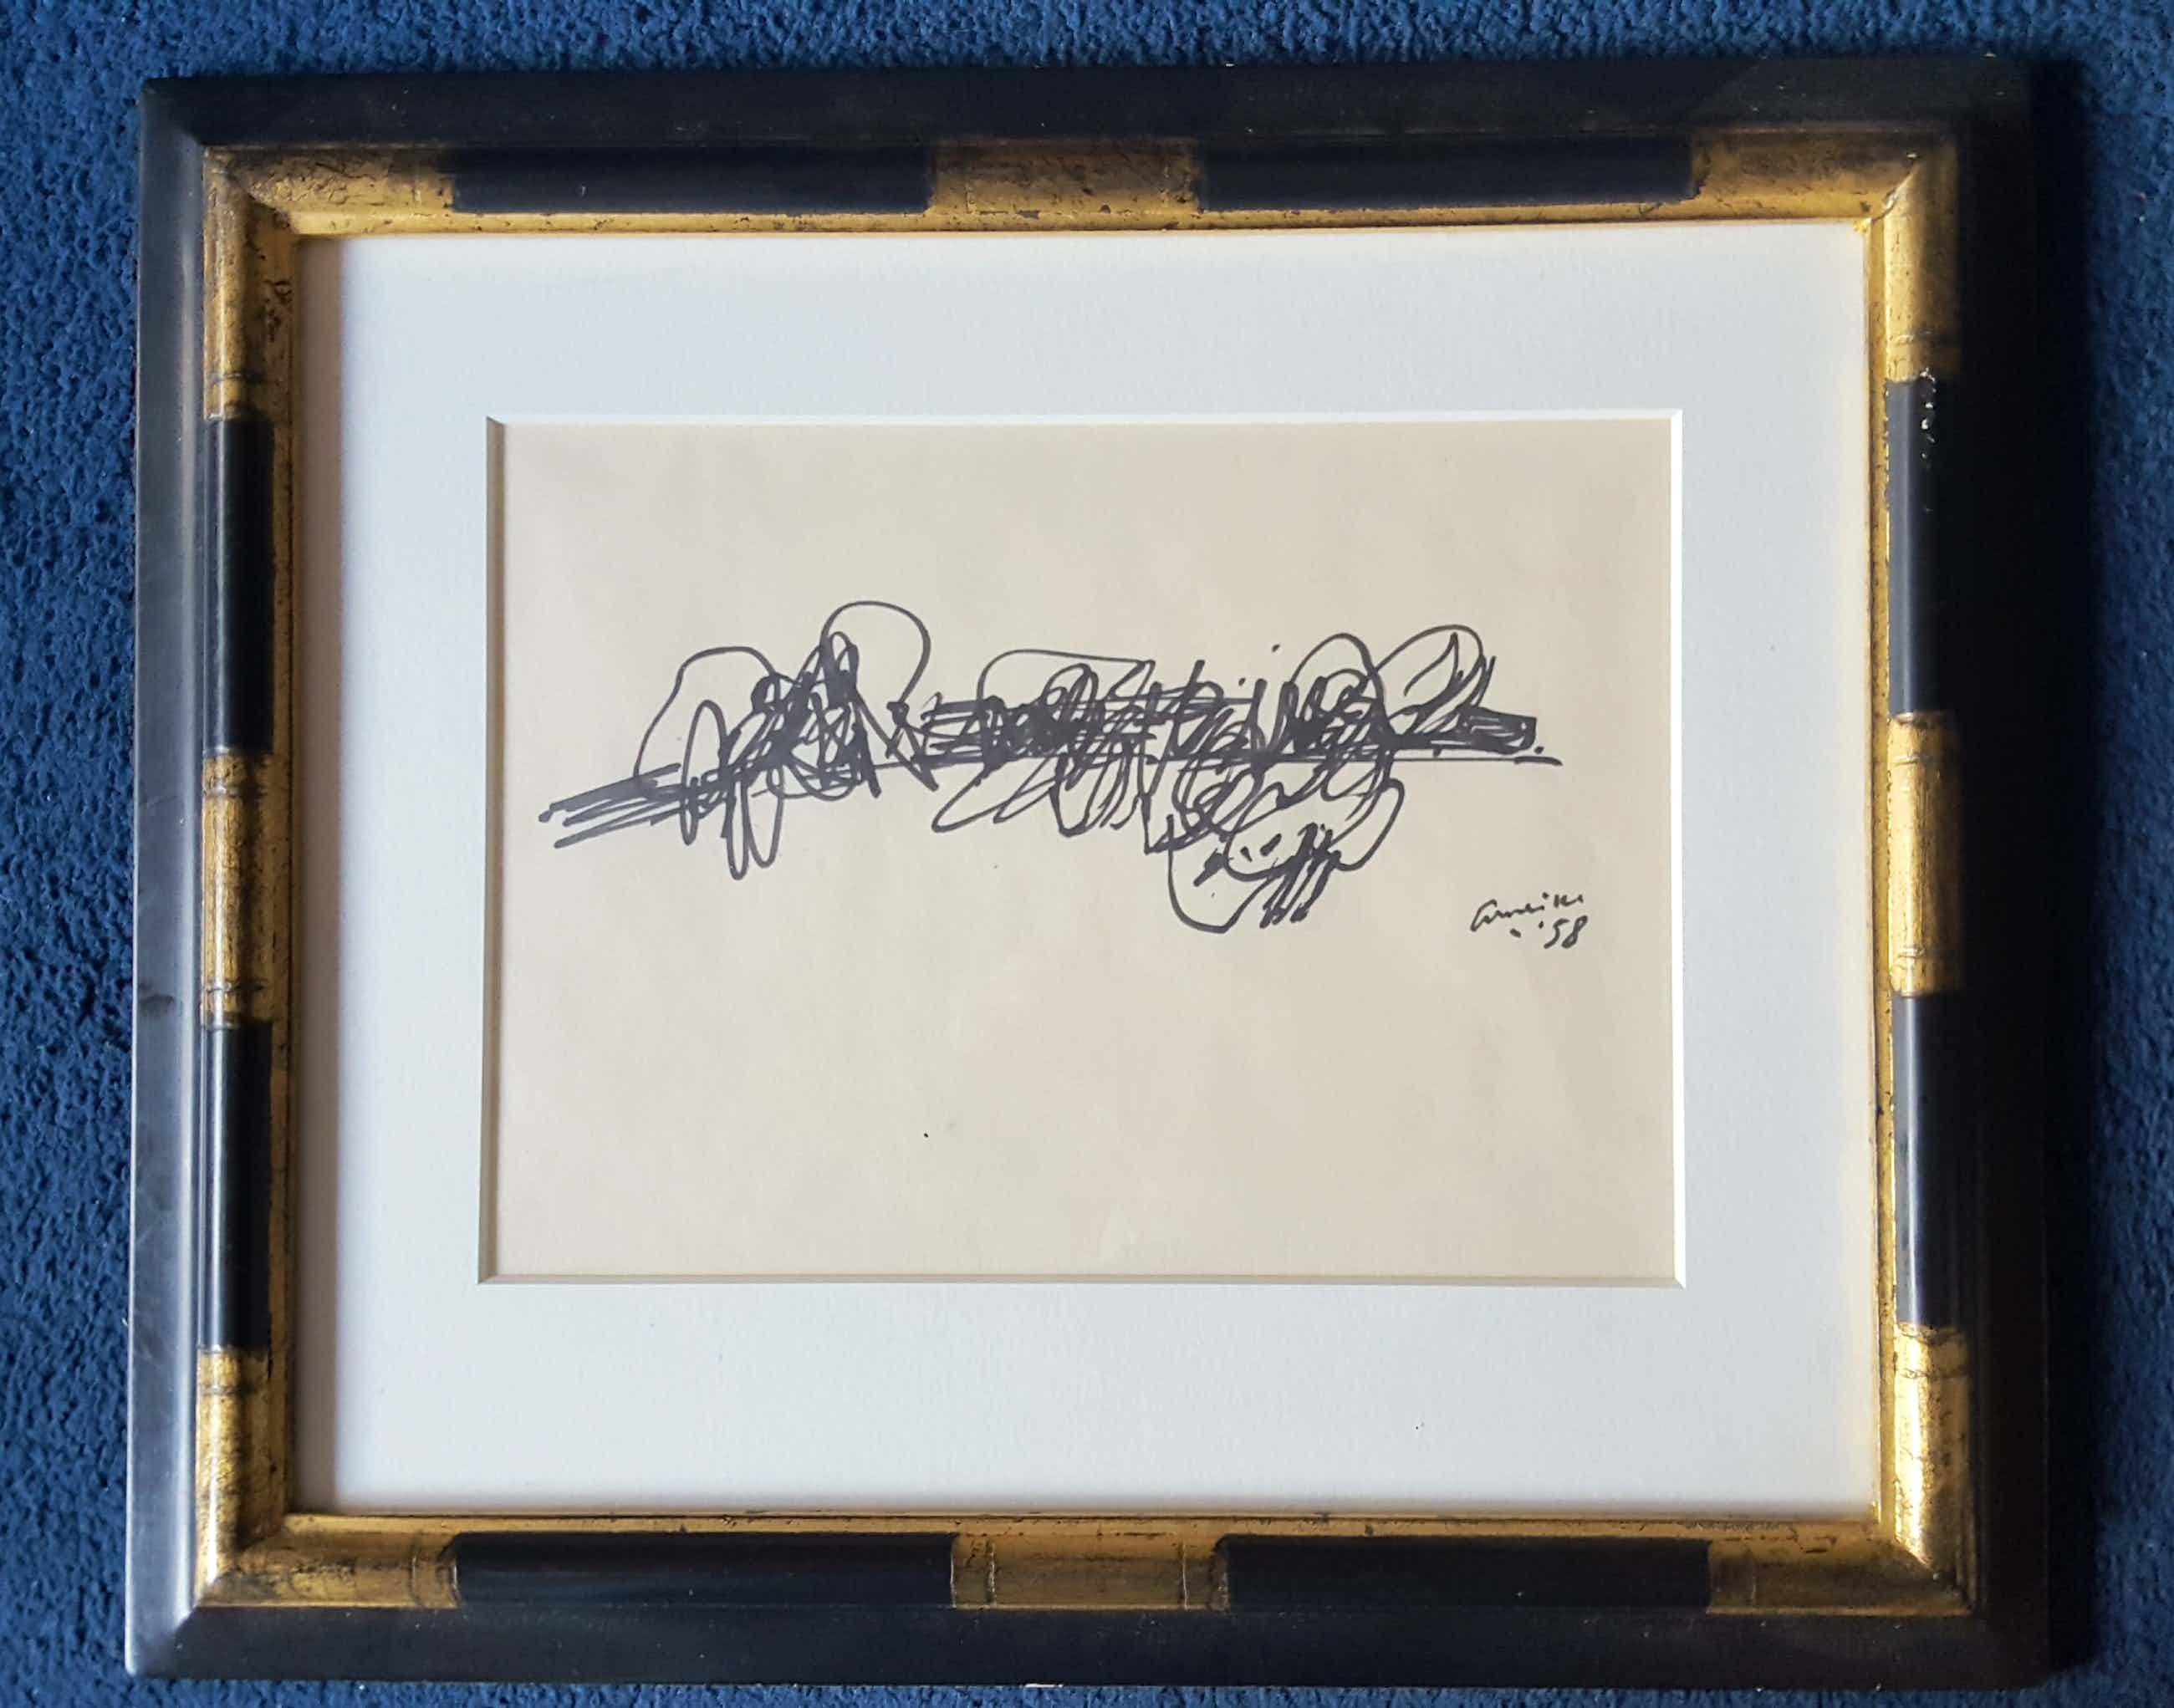 Corneille - inkttekening uit 1958 handgesigneerd kopen? Bied vanaf 800!